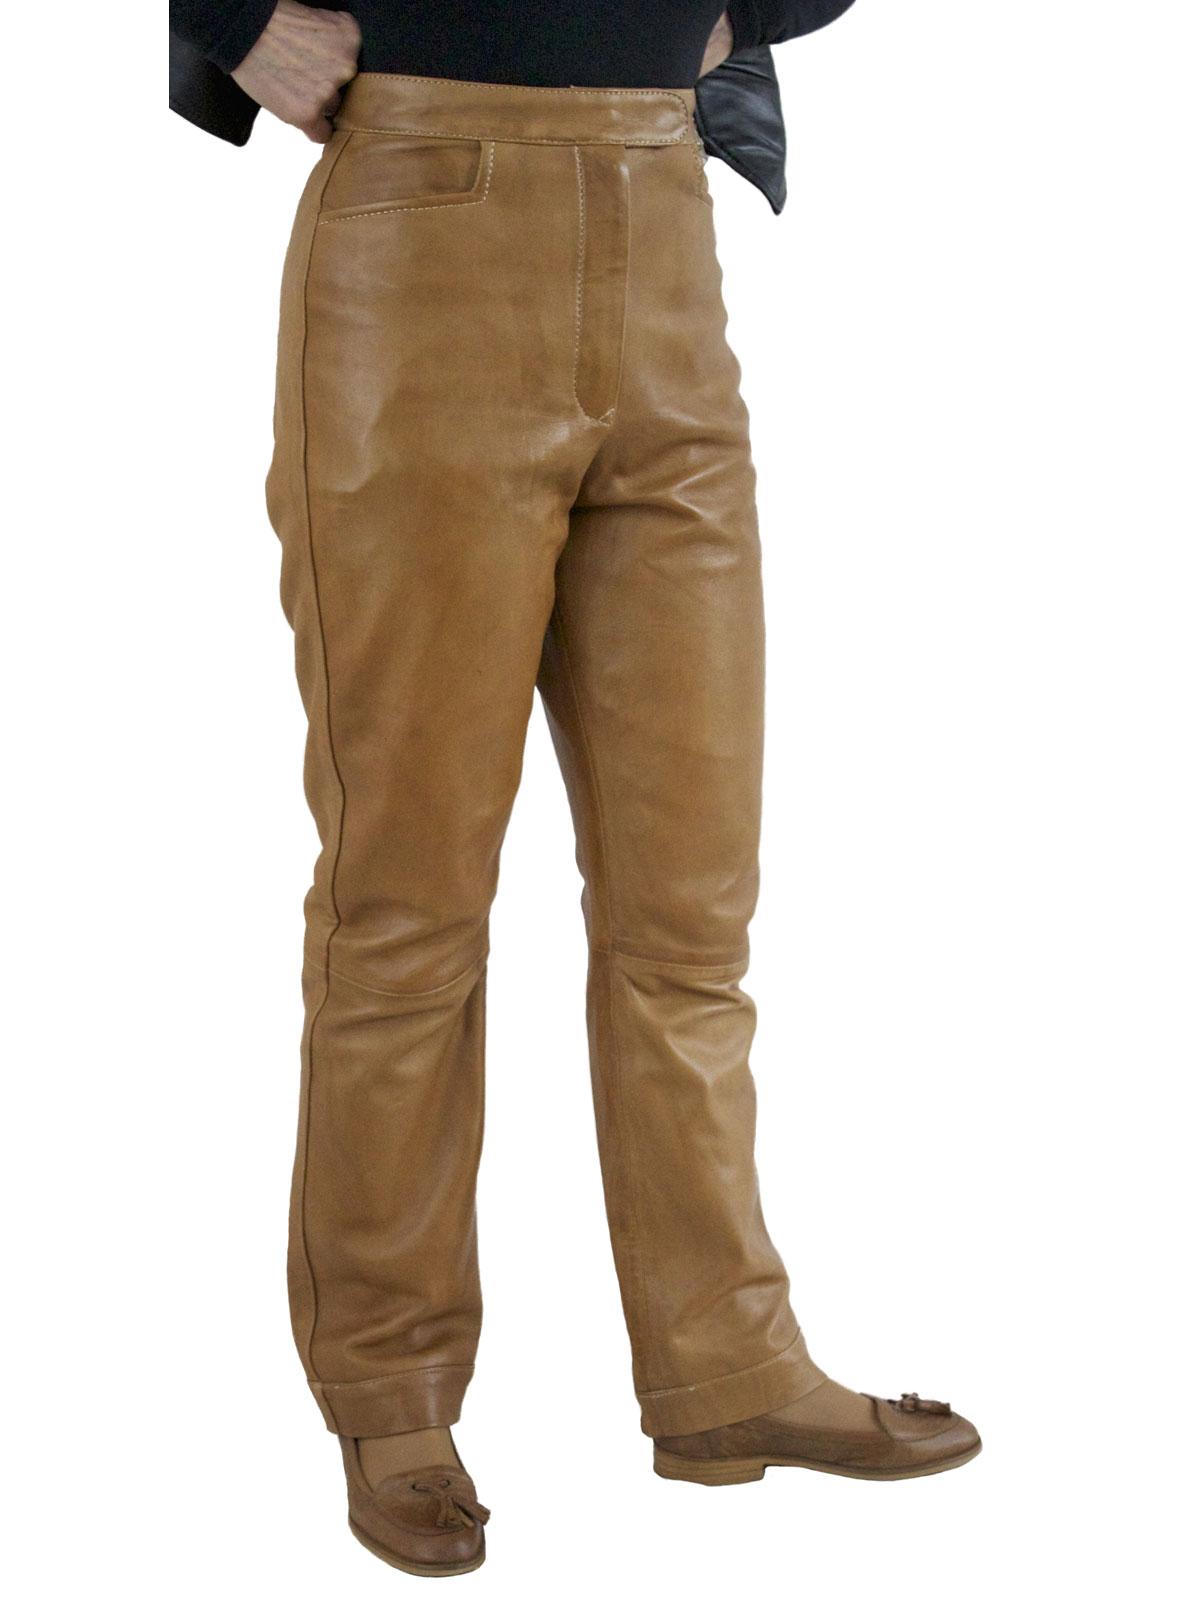 Simple  Pants Leggings Bottoms Jeans Pantsleggings Brown Sale Jeggings